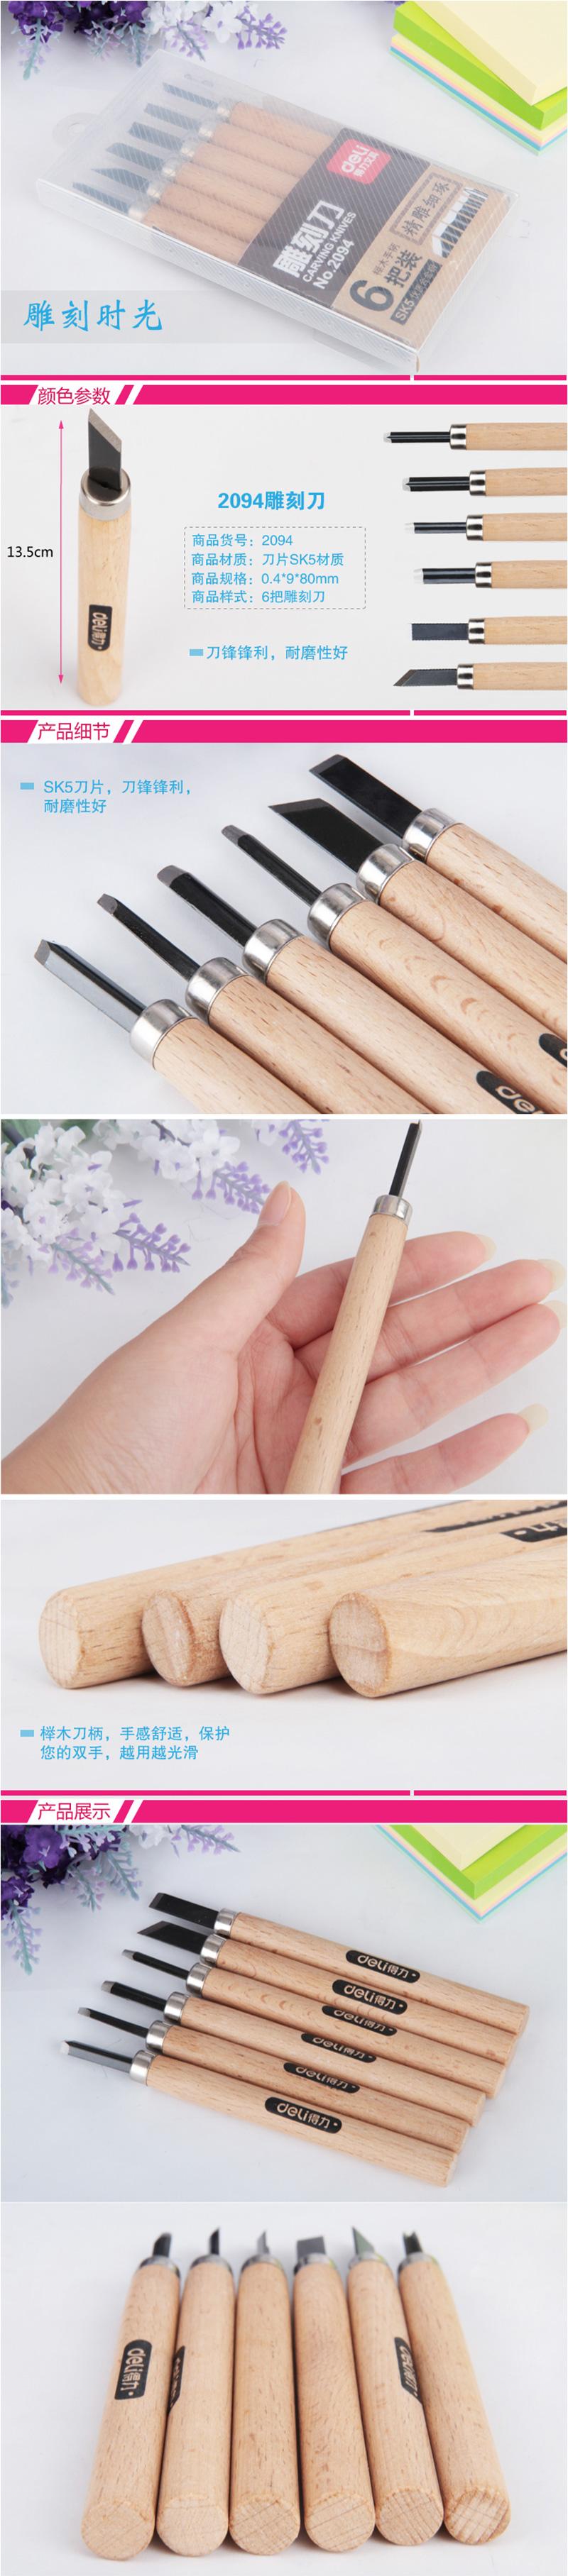 2094 得力木质雕刻刀 6把/盒